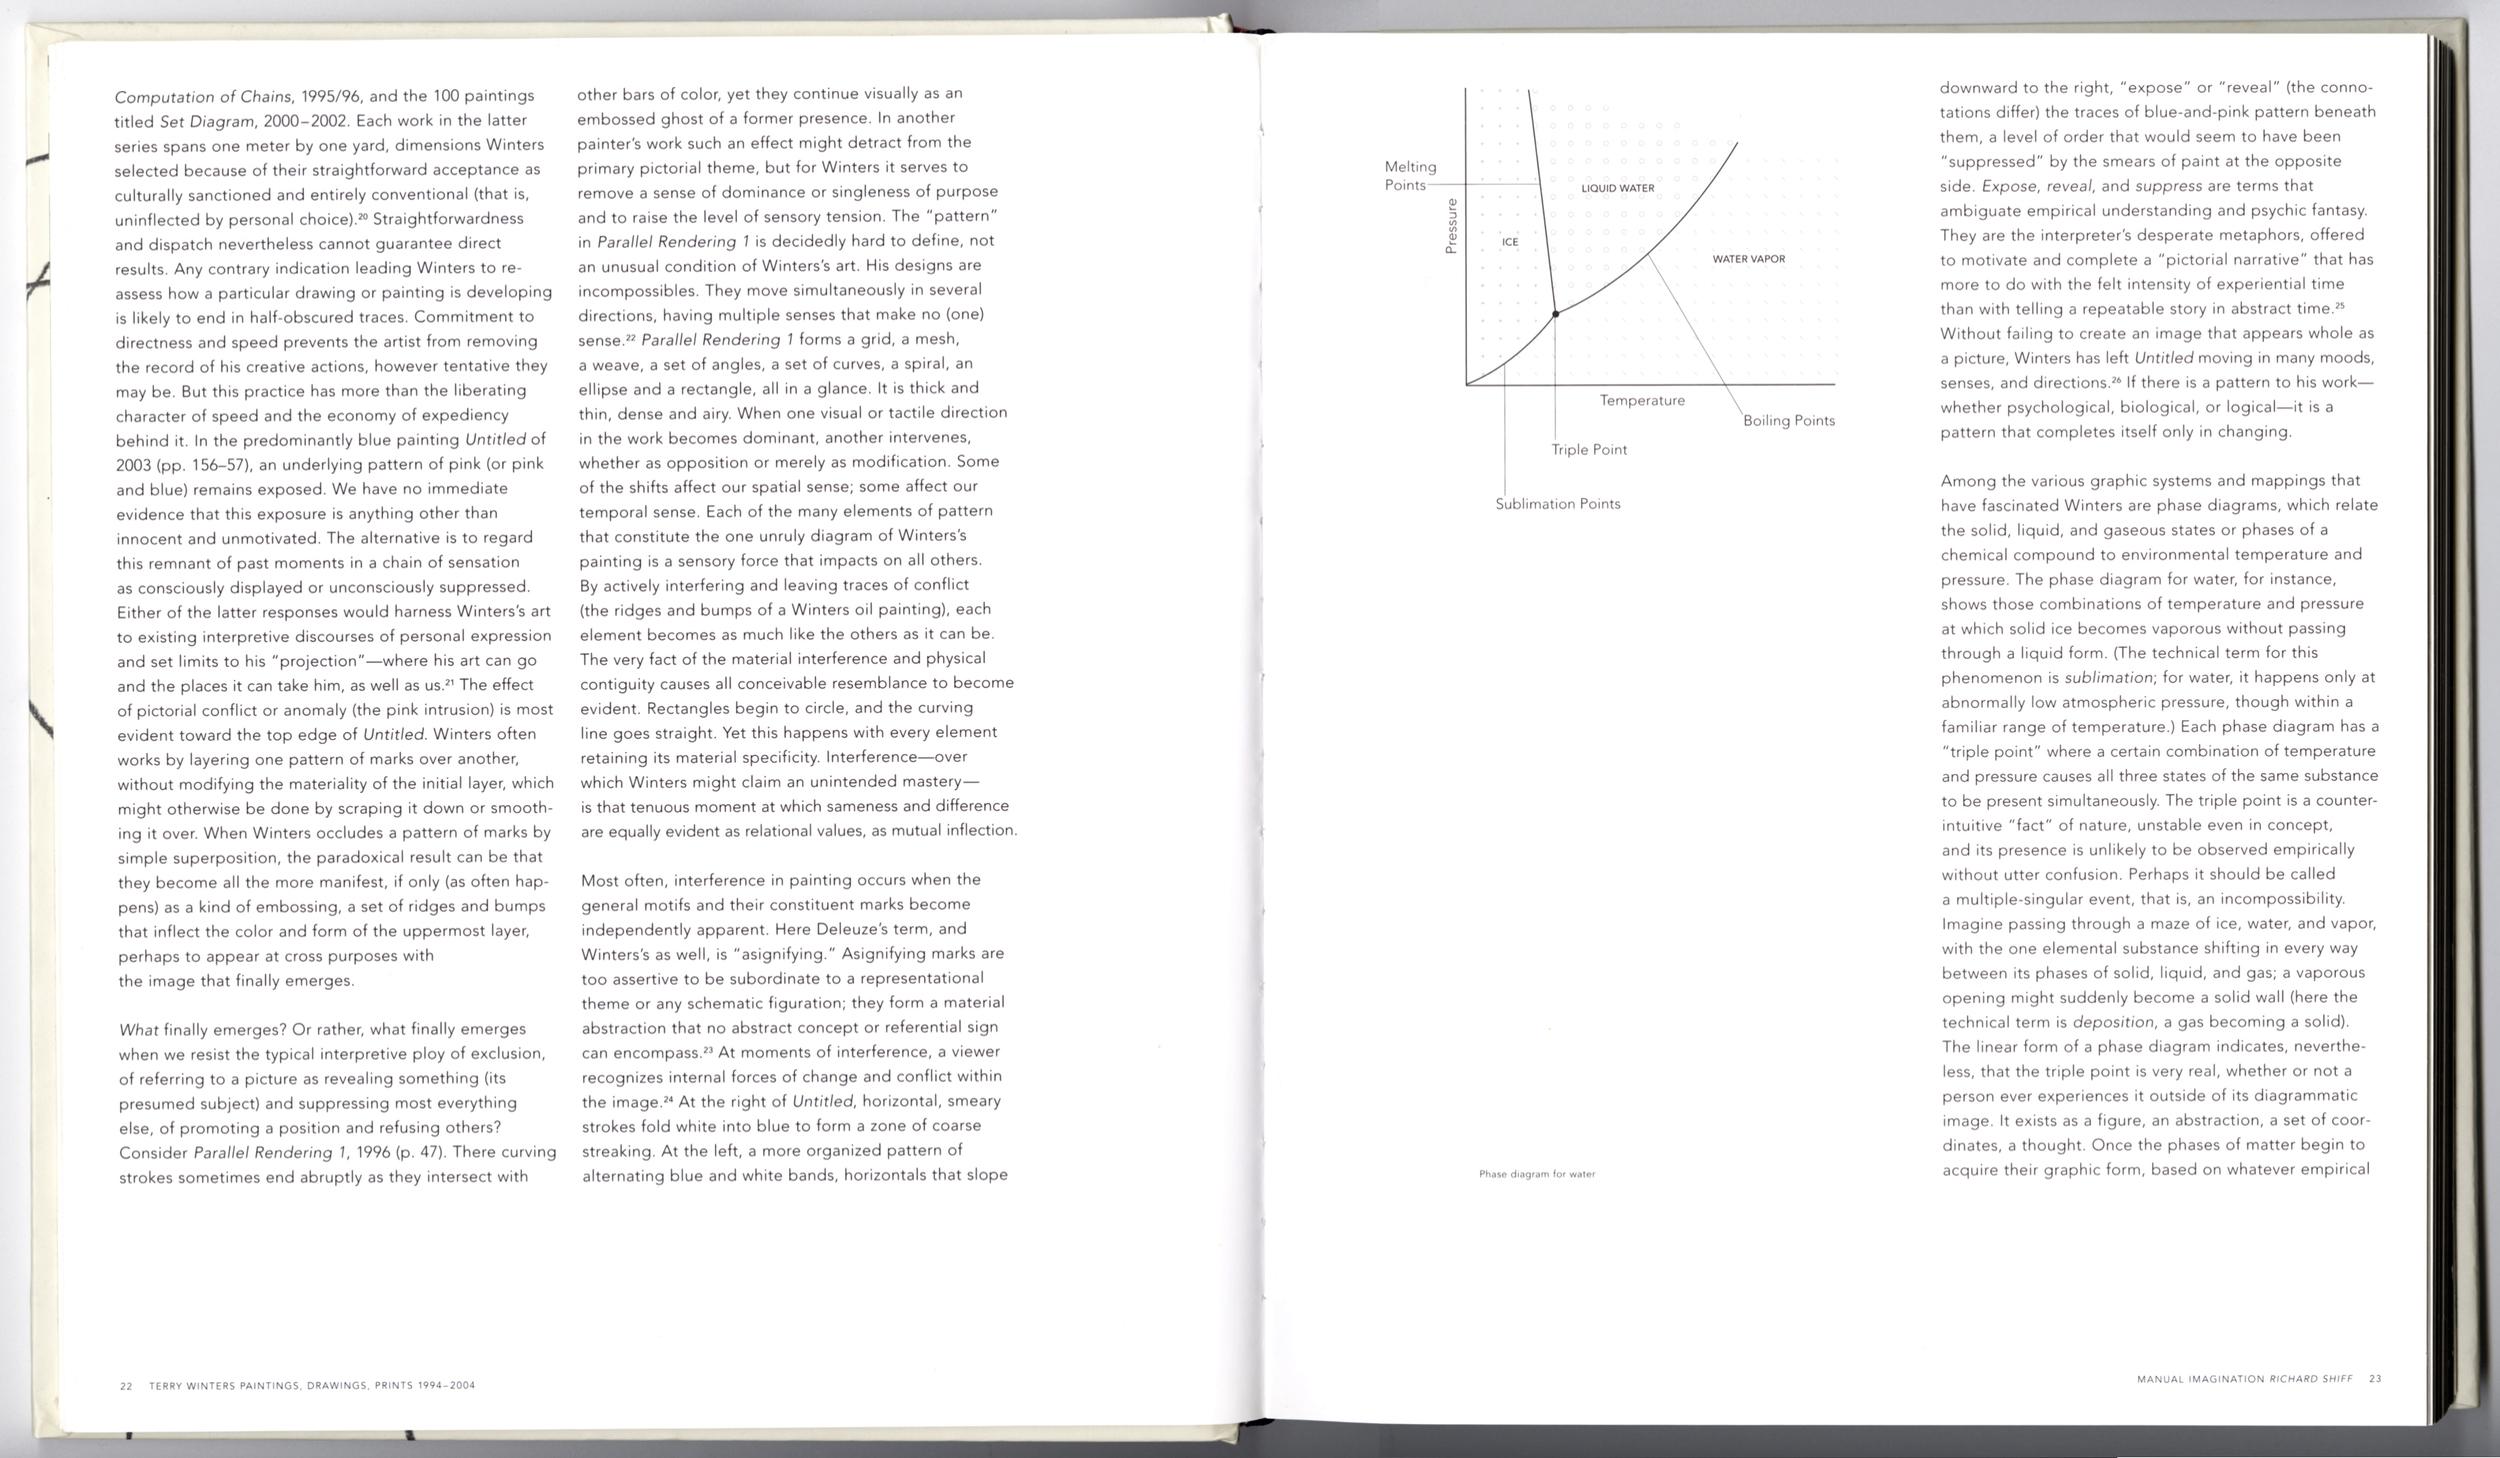 text-ManualImagination-Shiff-Addison-3.jpg